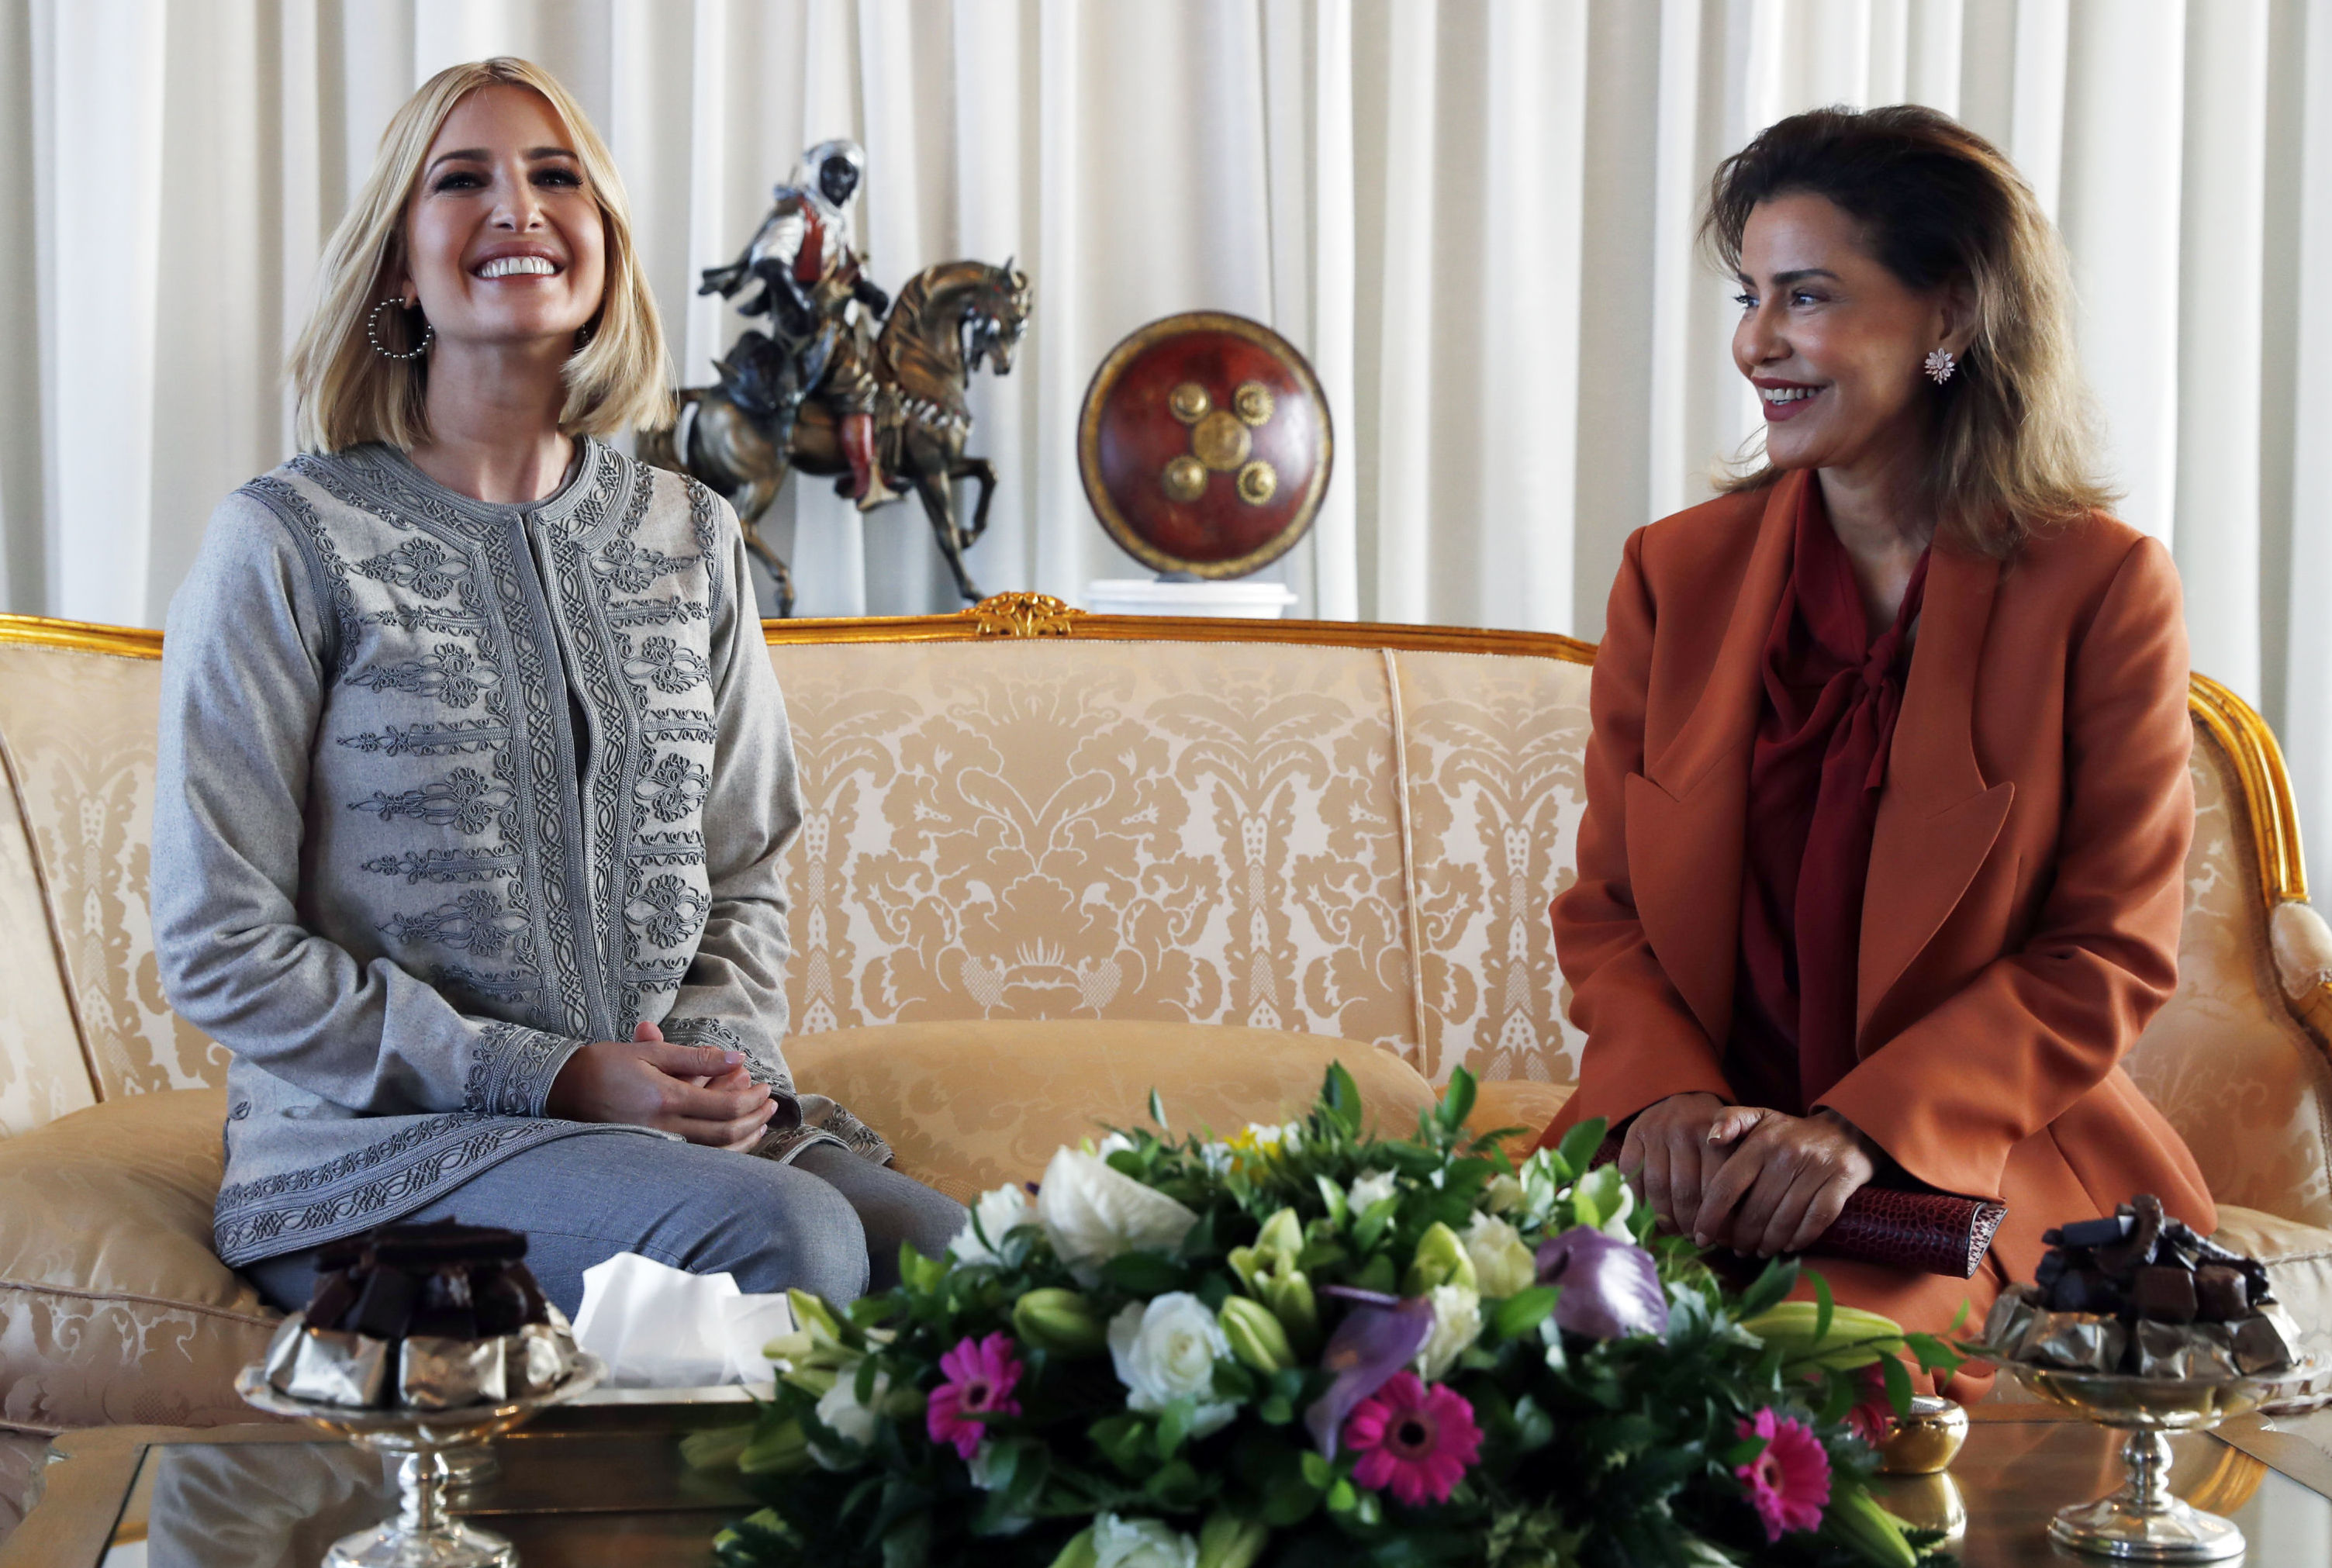 إيفانكا ترامب مع الأميرة للا مريم في المغرب